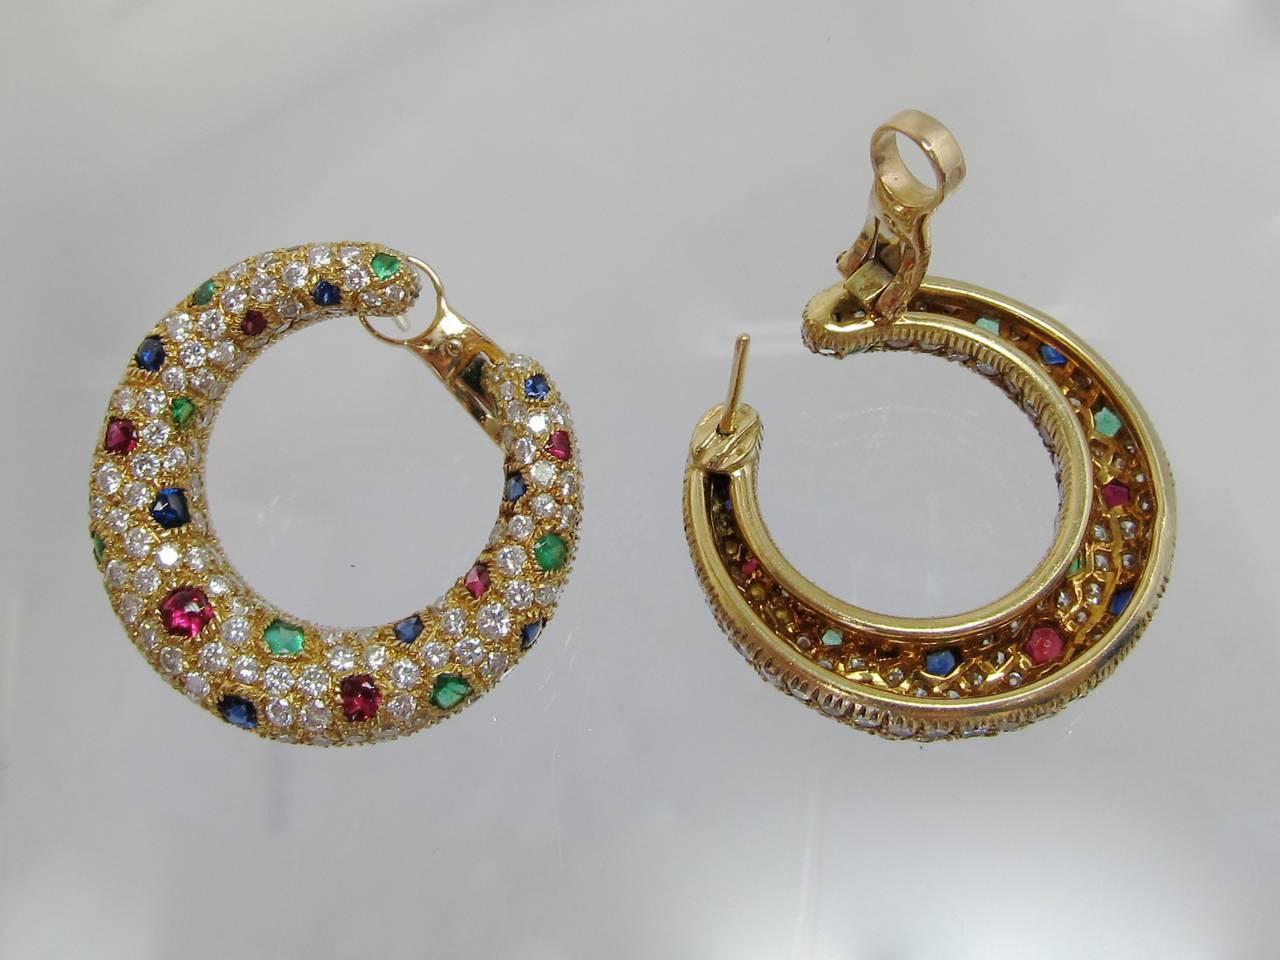 Cartier Panthere Diamond & Gemstone Creole Hoop Earrings 2